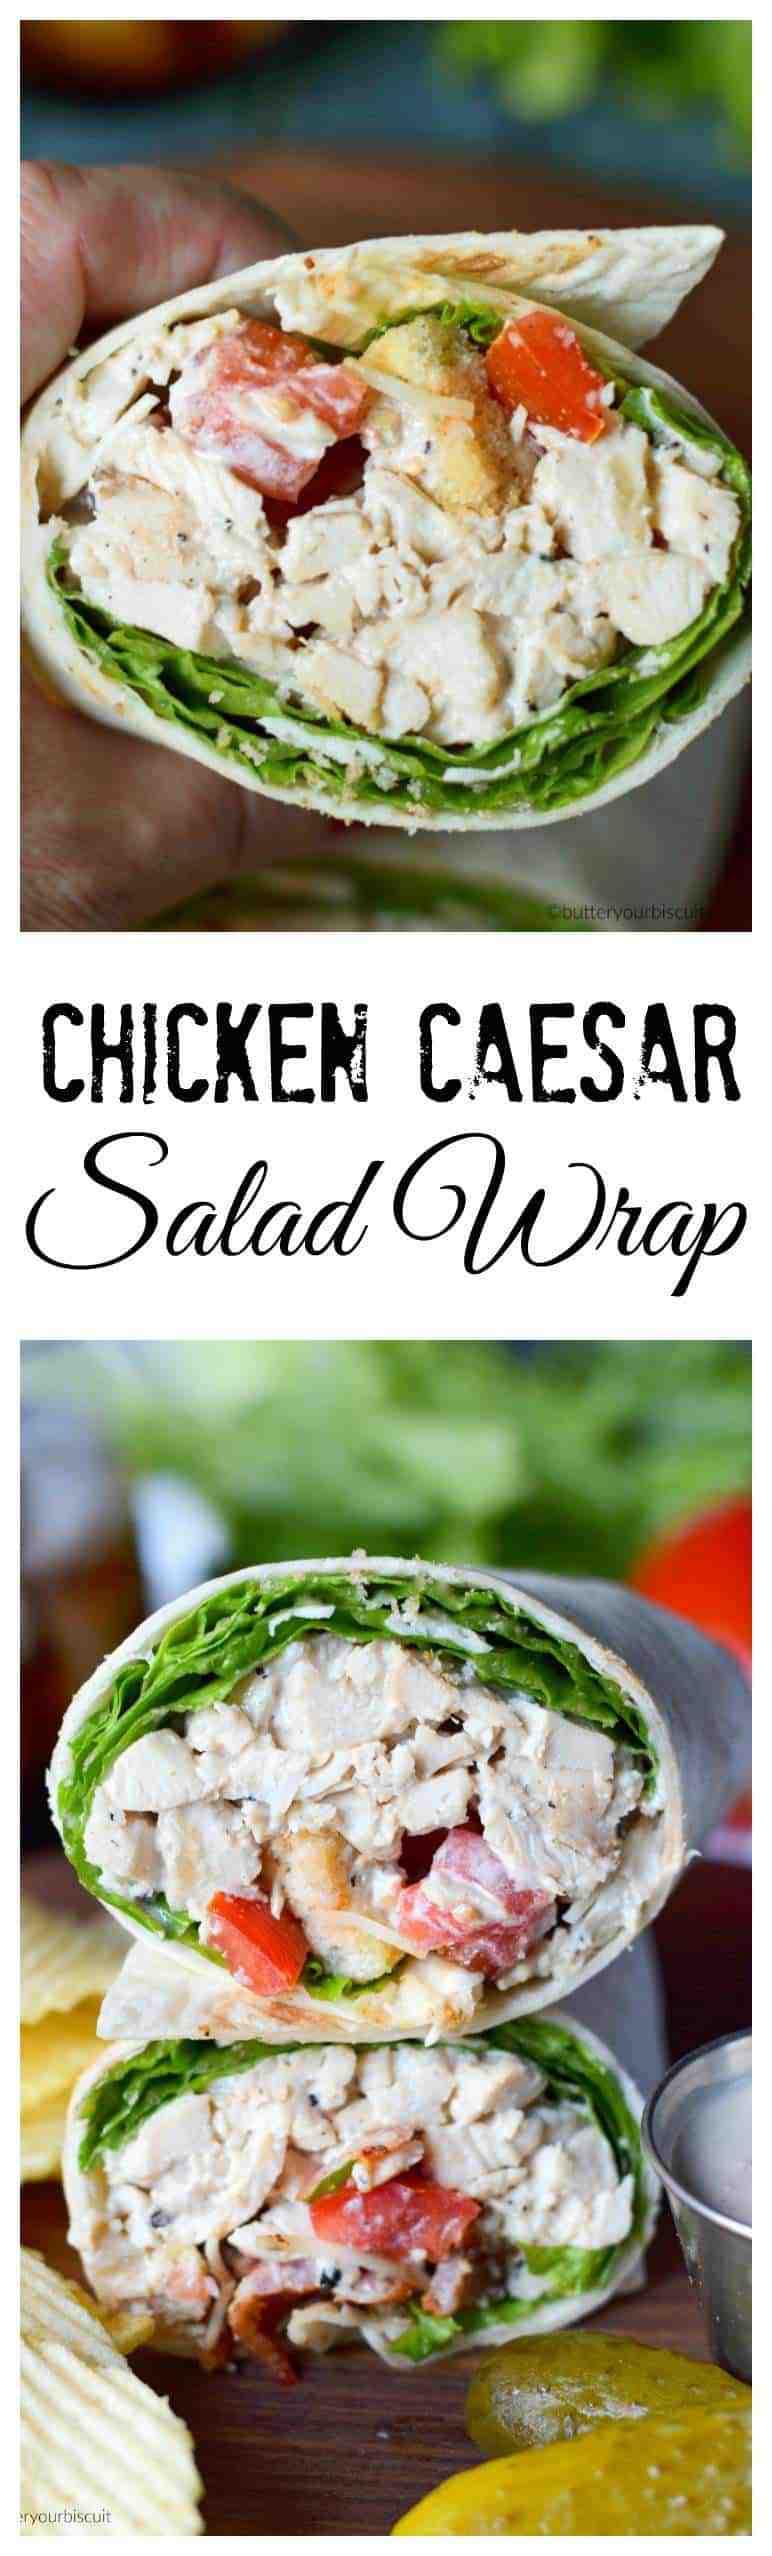 chicken-caesar-salad-wrap-lp